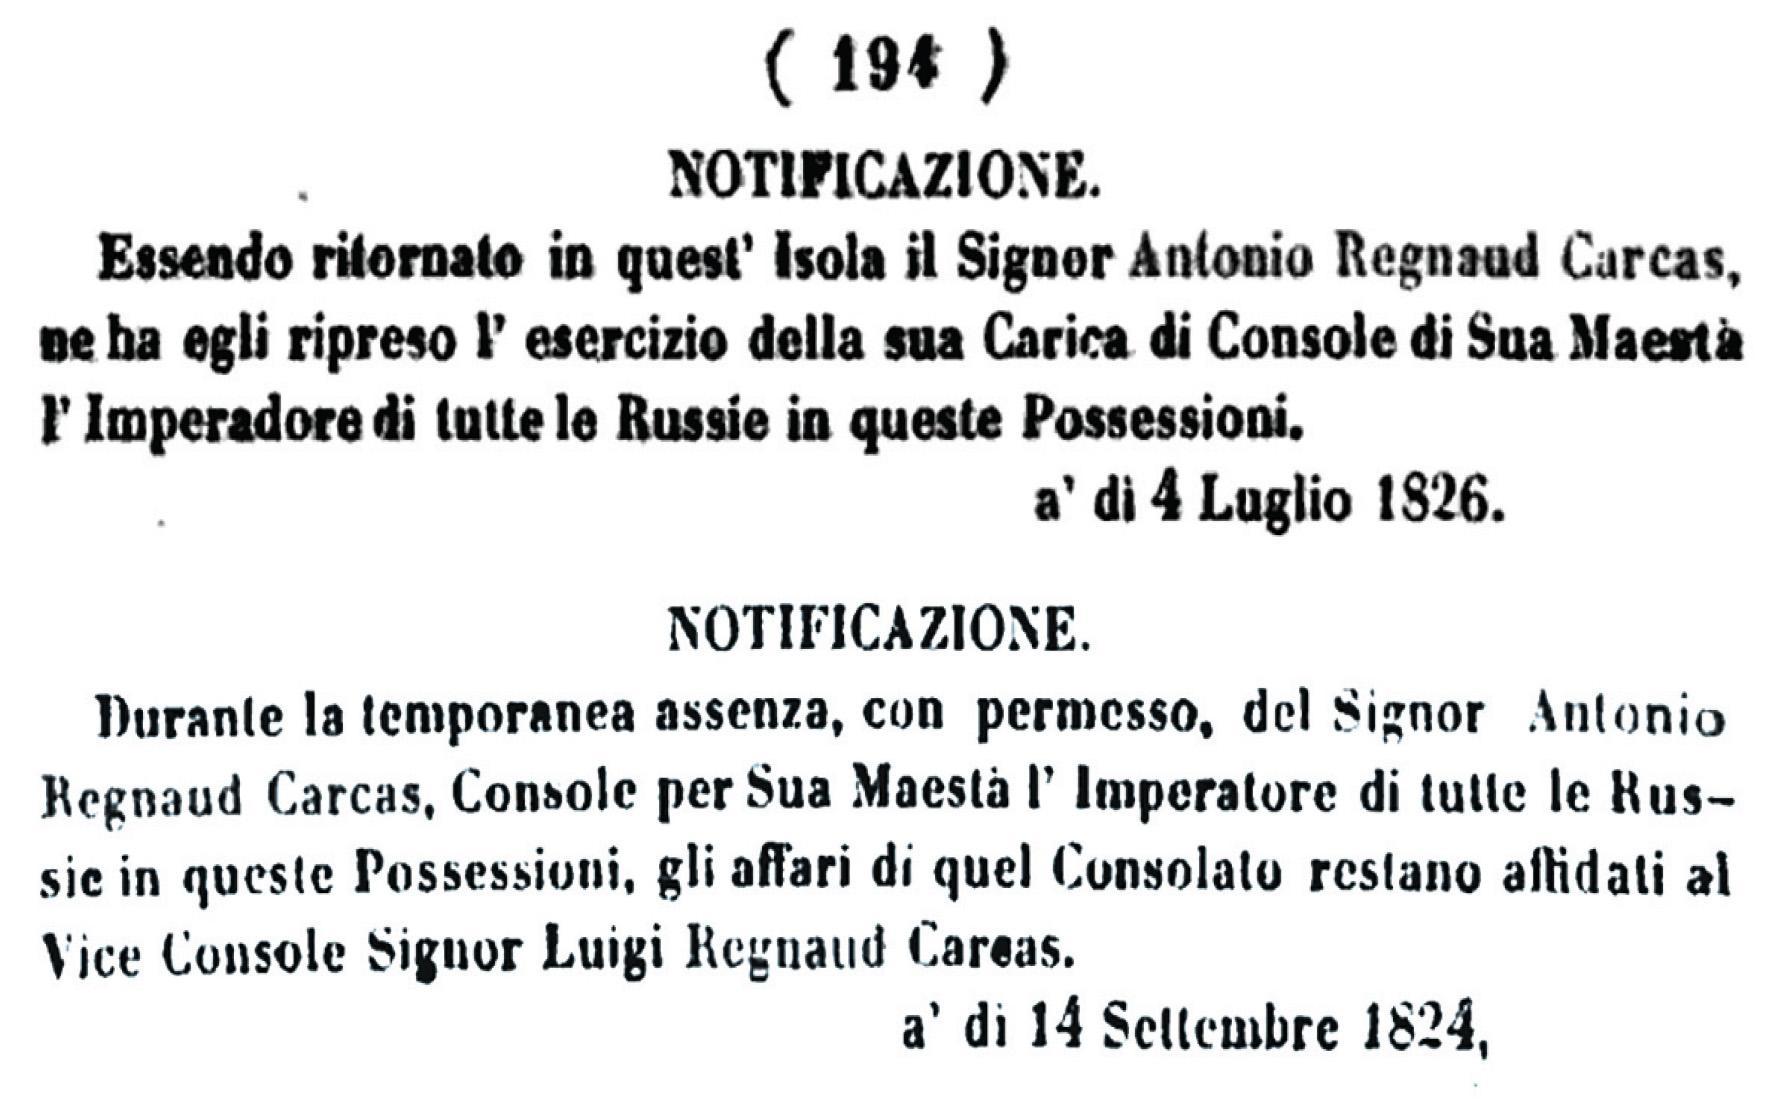 References in The Malta Government Gazette to Antonio Regnaud Carcas, Russian consul in Malta.